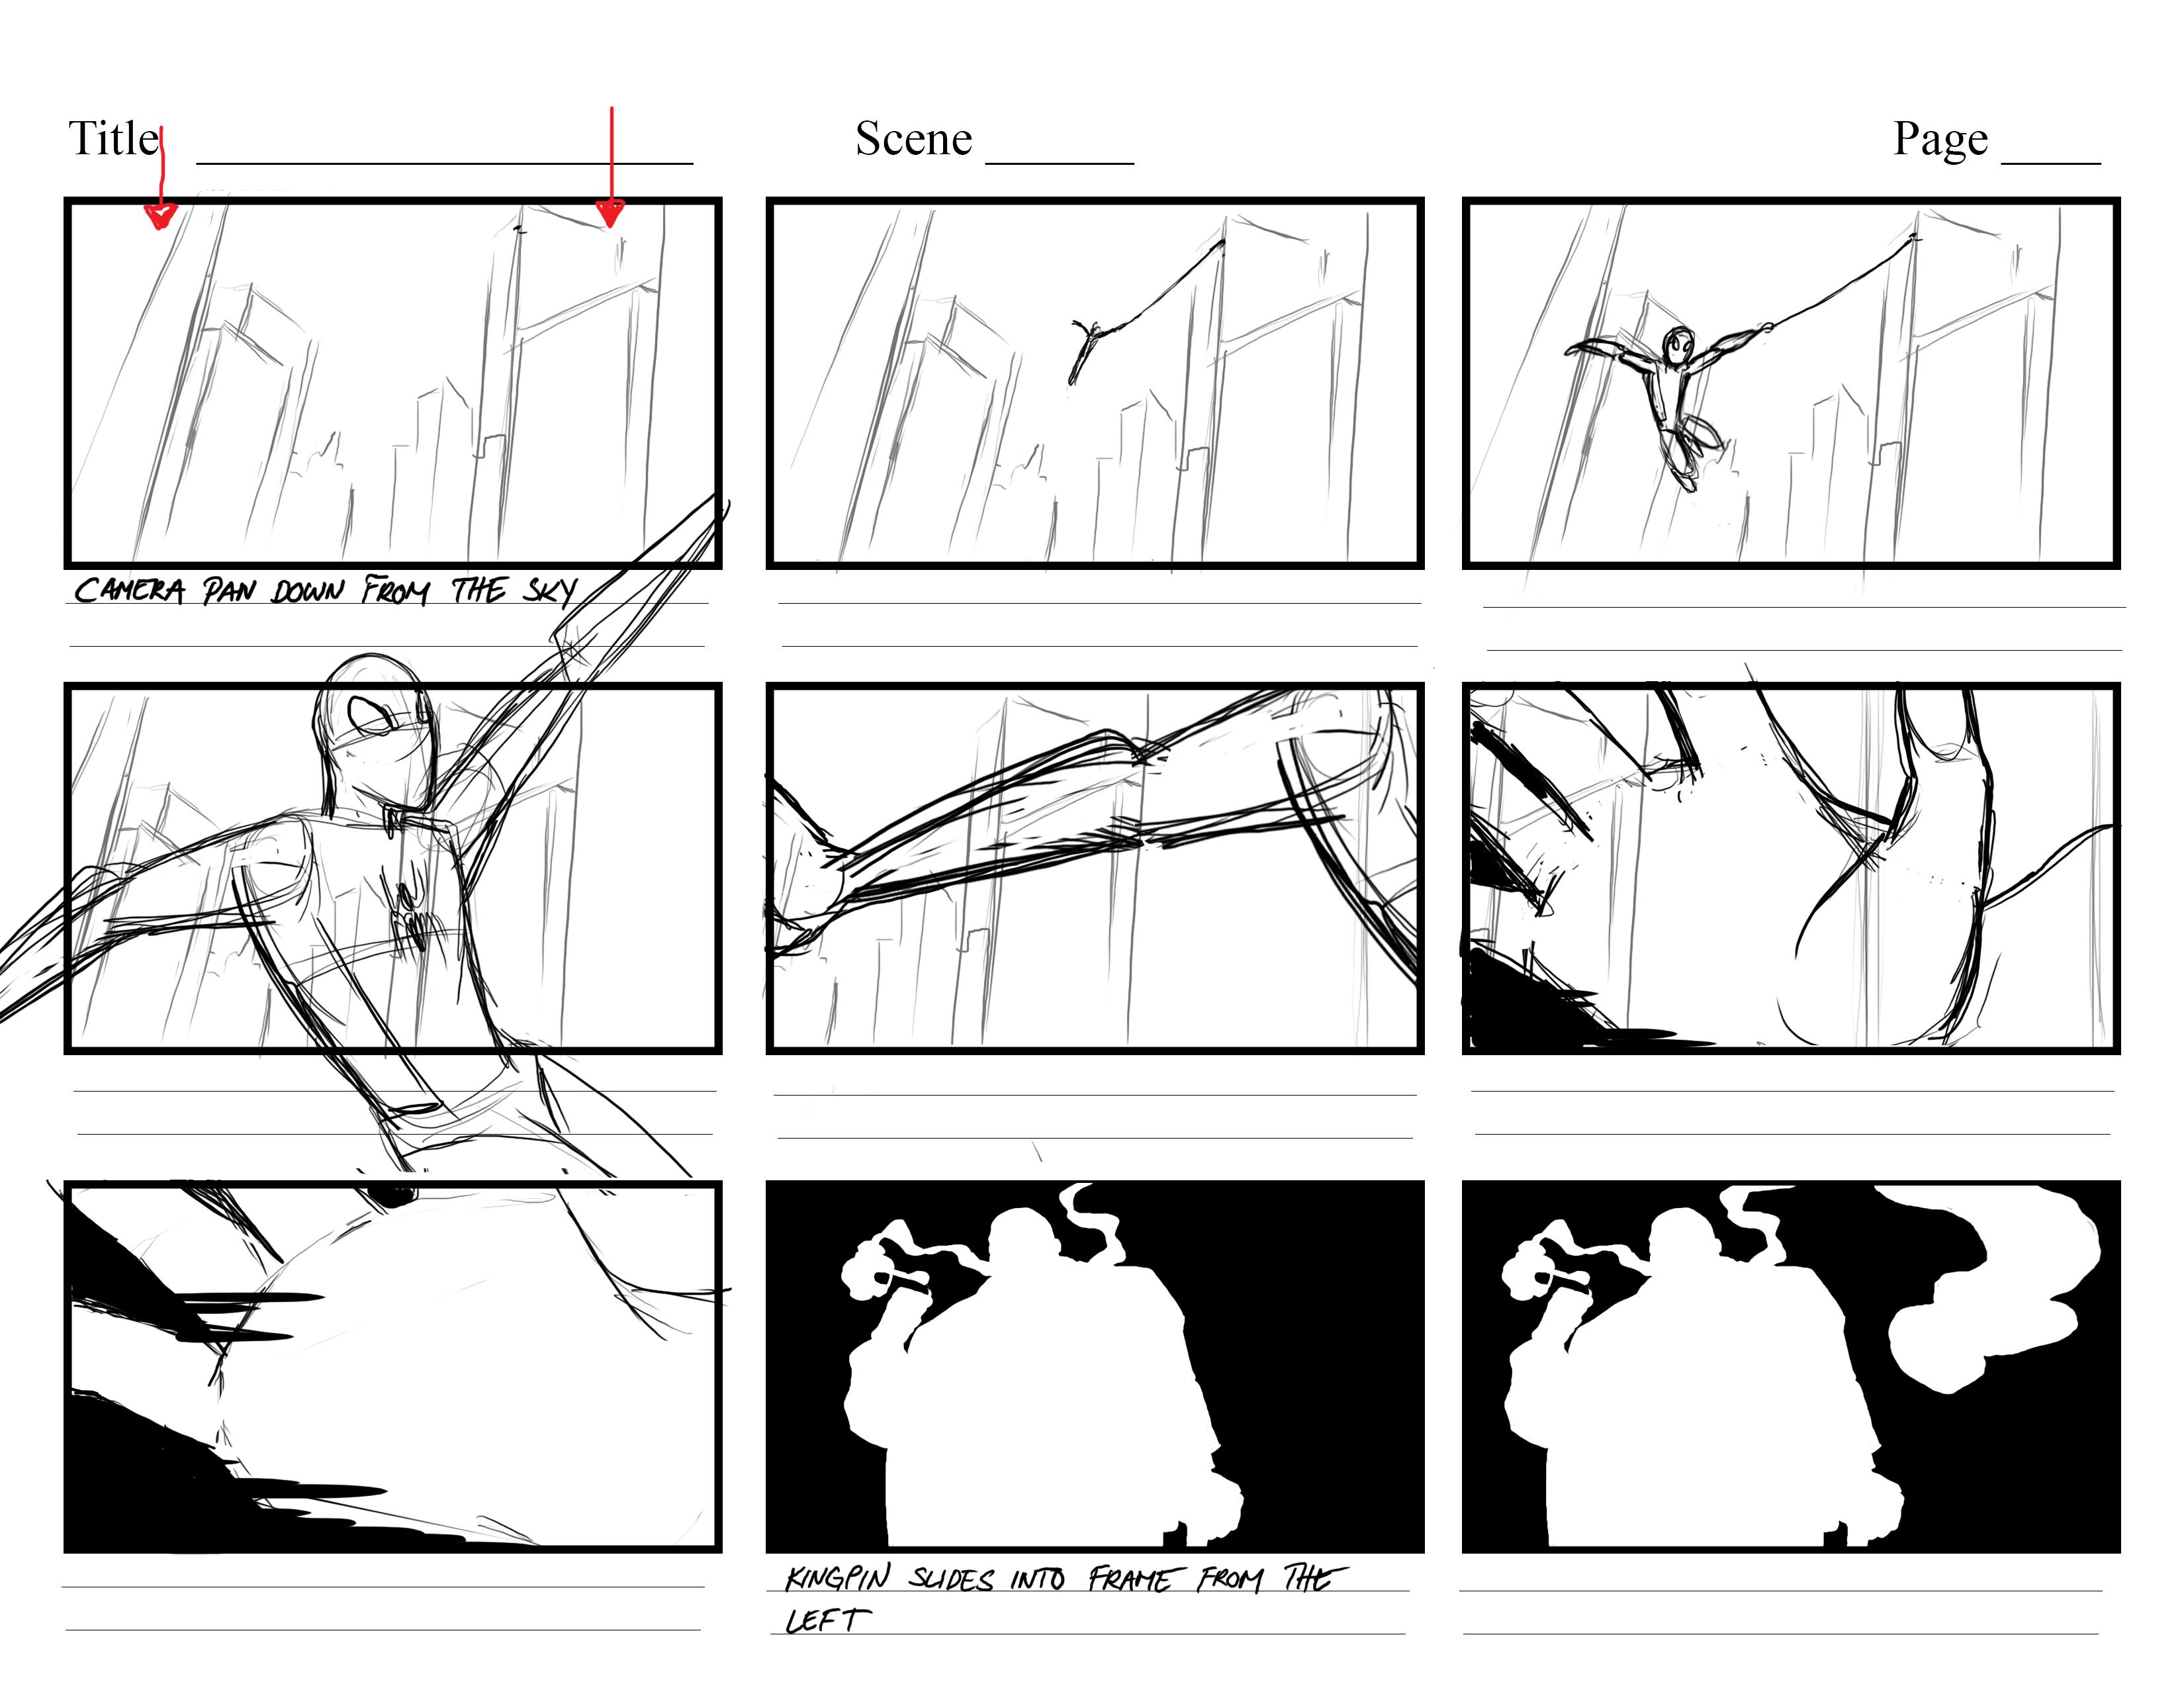 spidermanOP_storyboard3